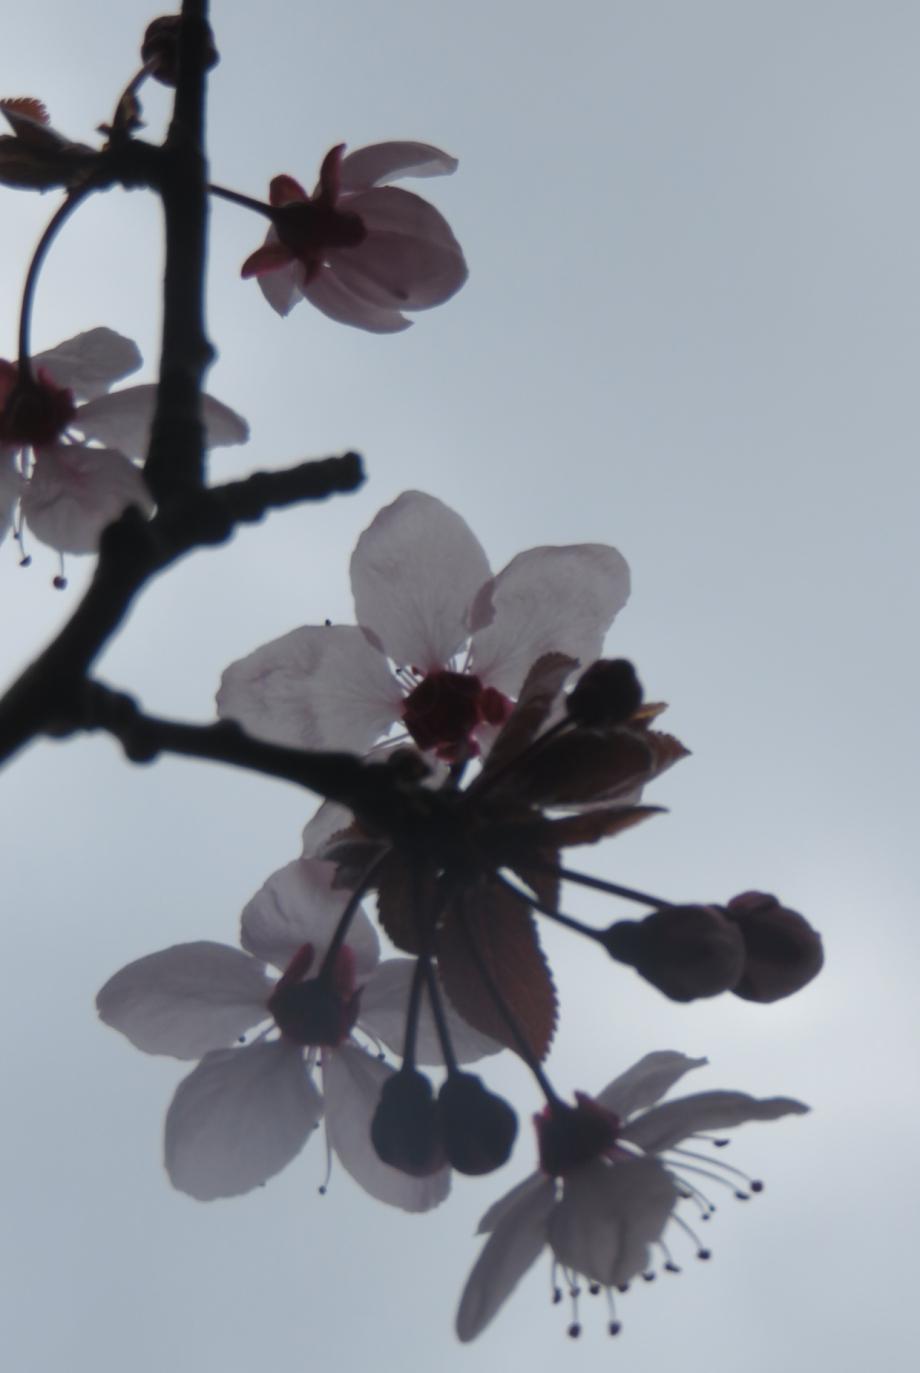 La Flora 26 02 2017 391pm.jpg